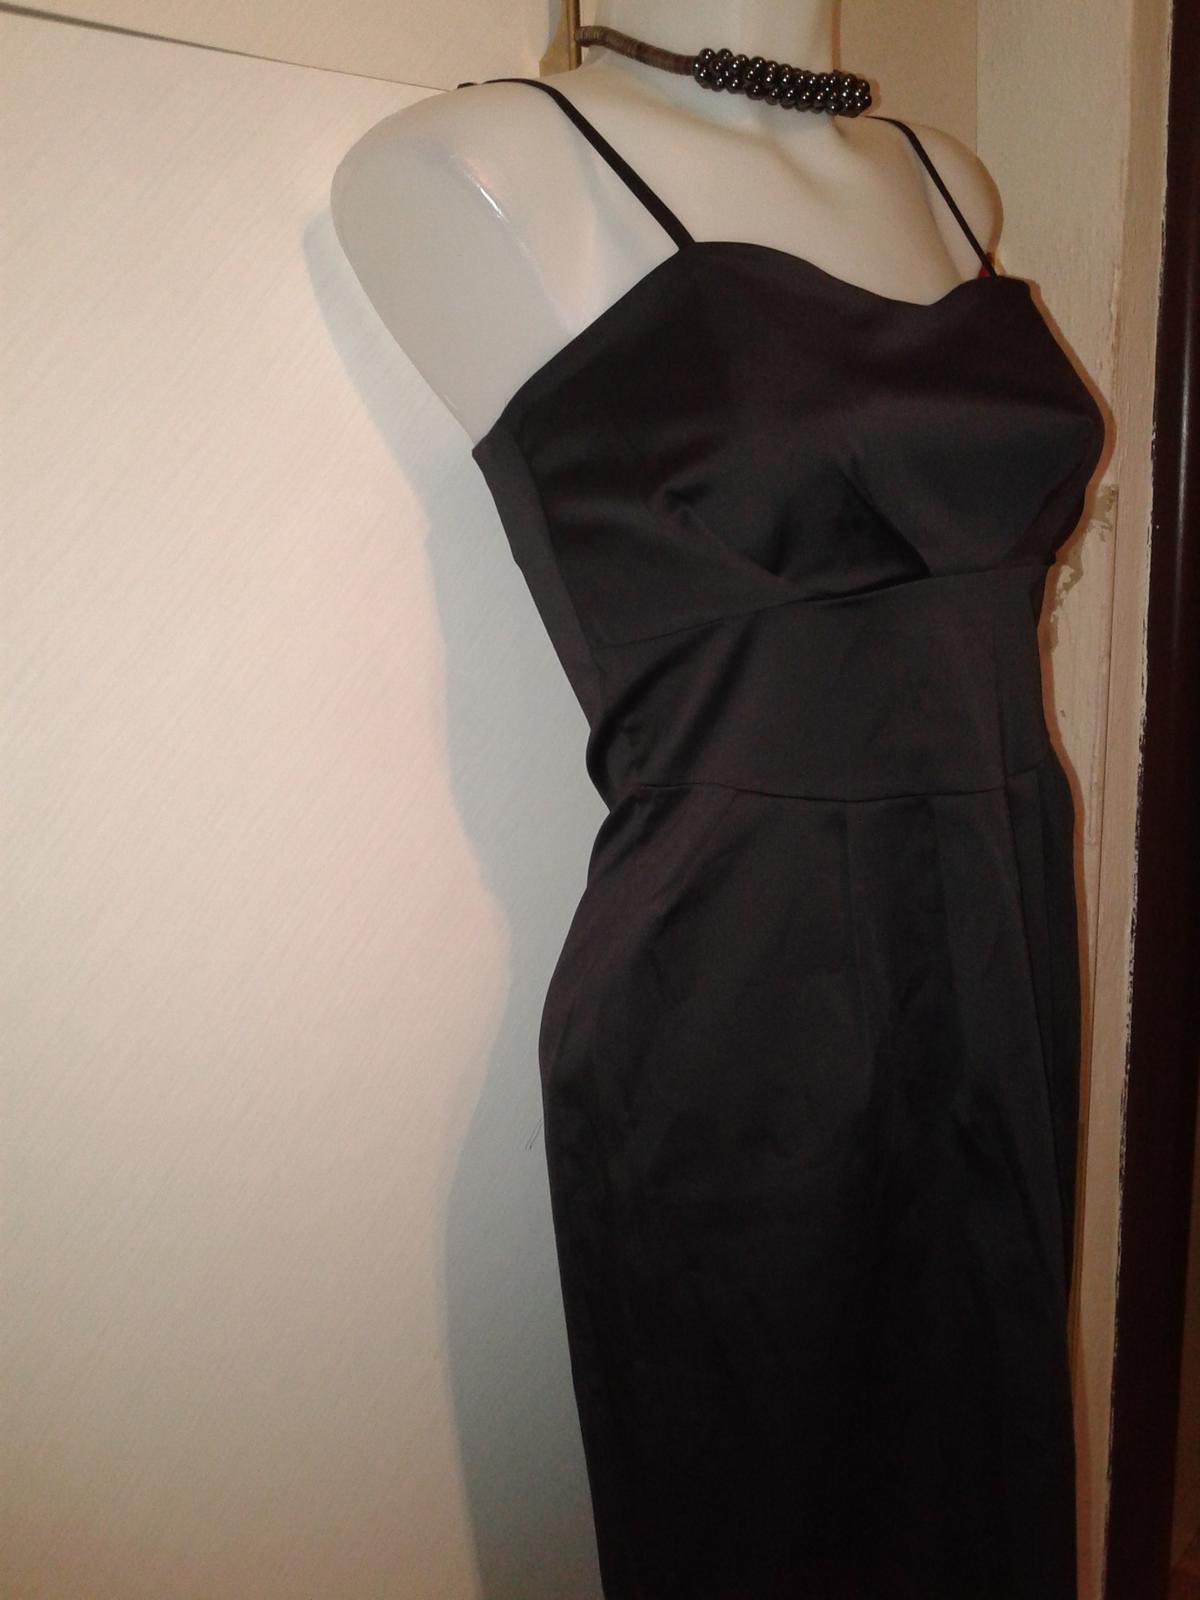 čierne spoločenské šaty Rinascimento veľ. M - Obrázok č. 1